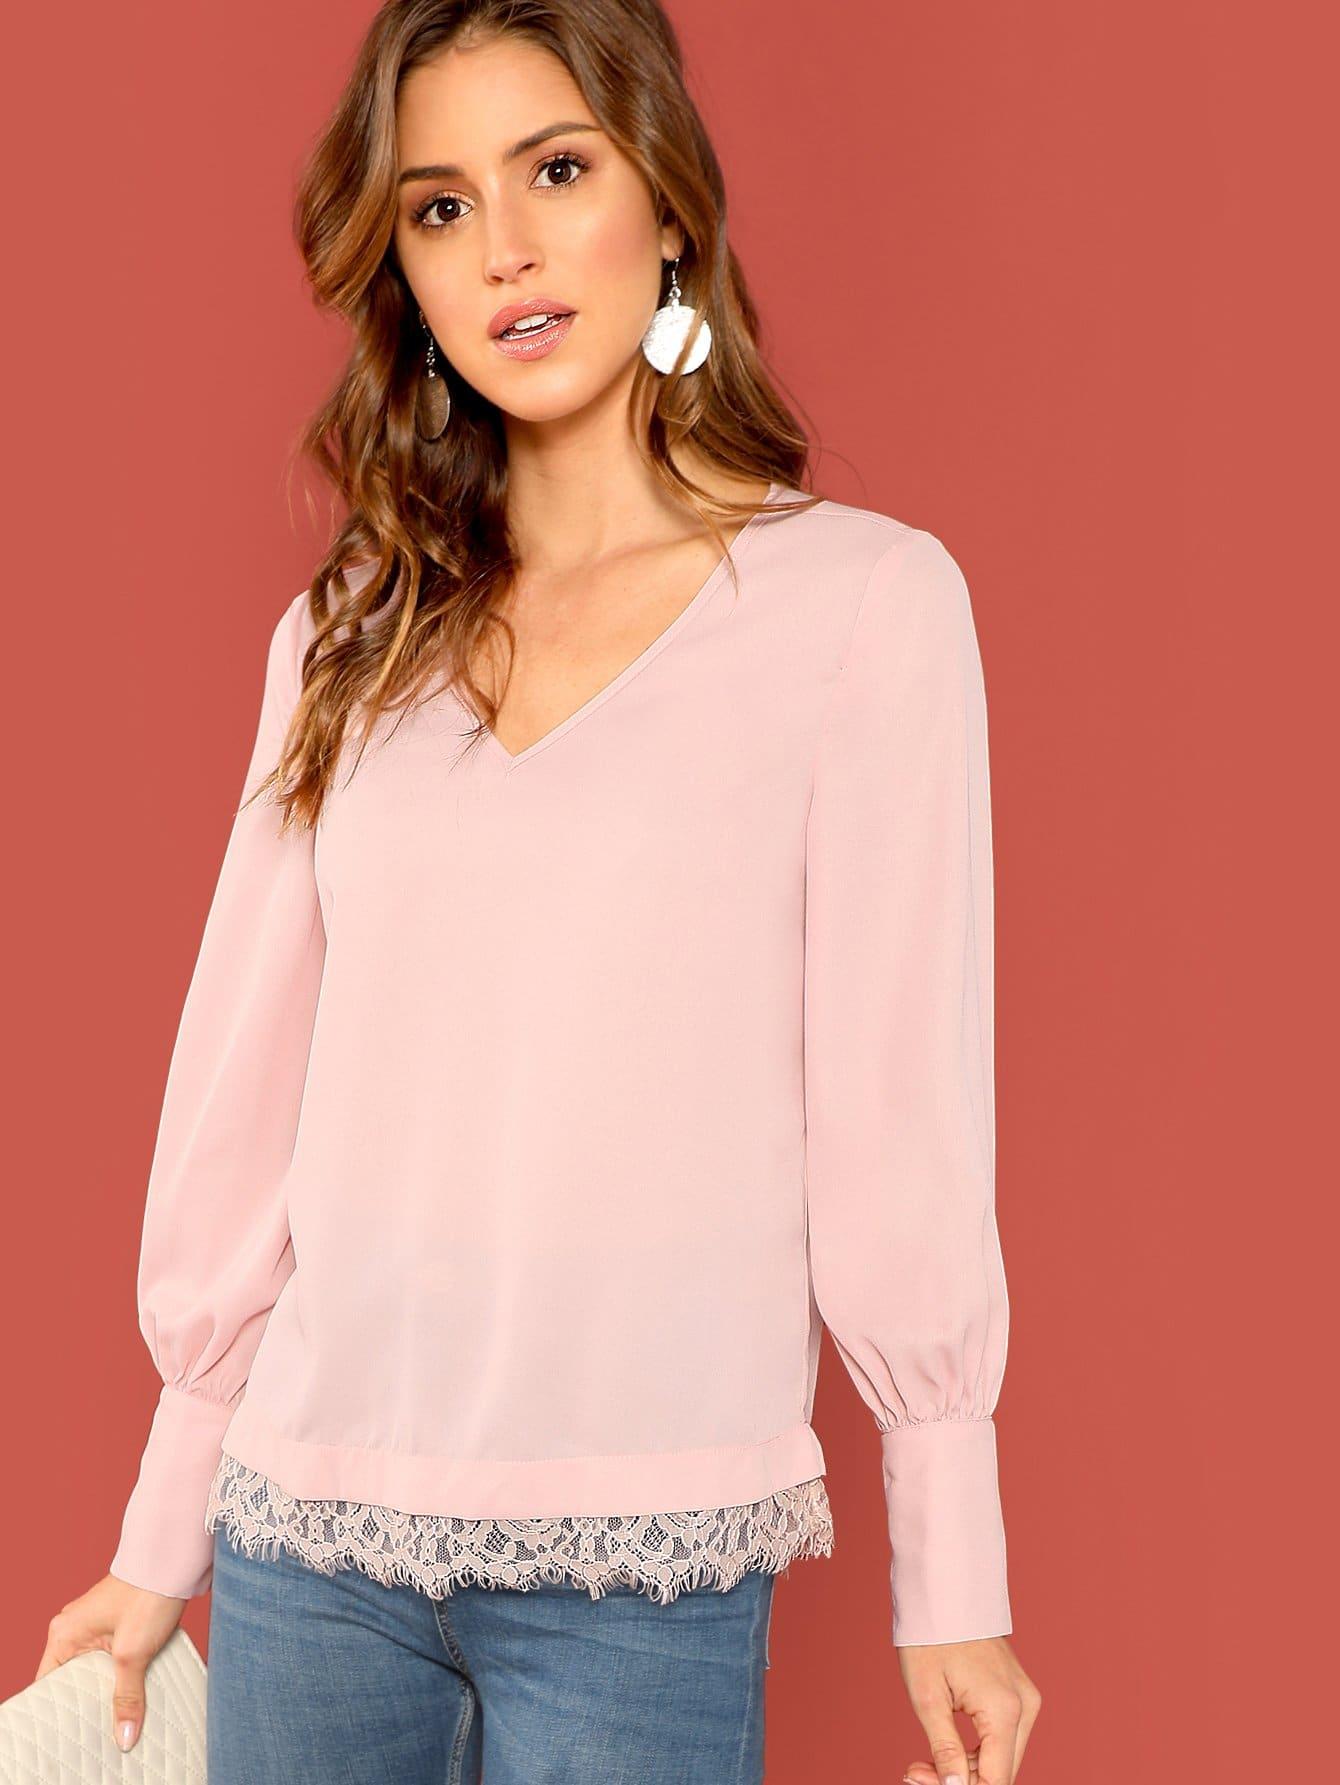 Купить Кружева отделкой блузка с v-образным вырезом, Gigi Paris, SheIn